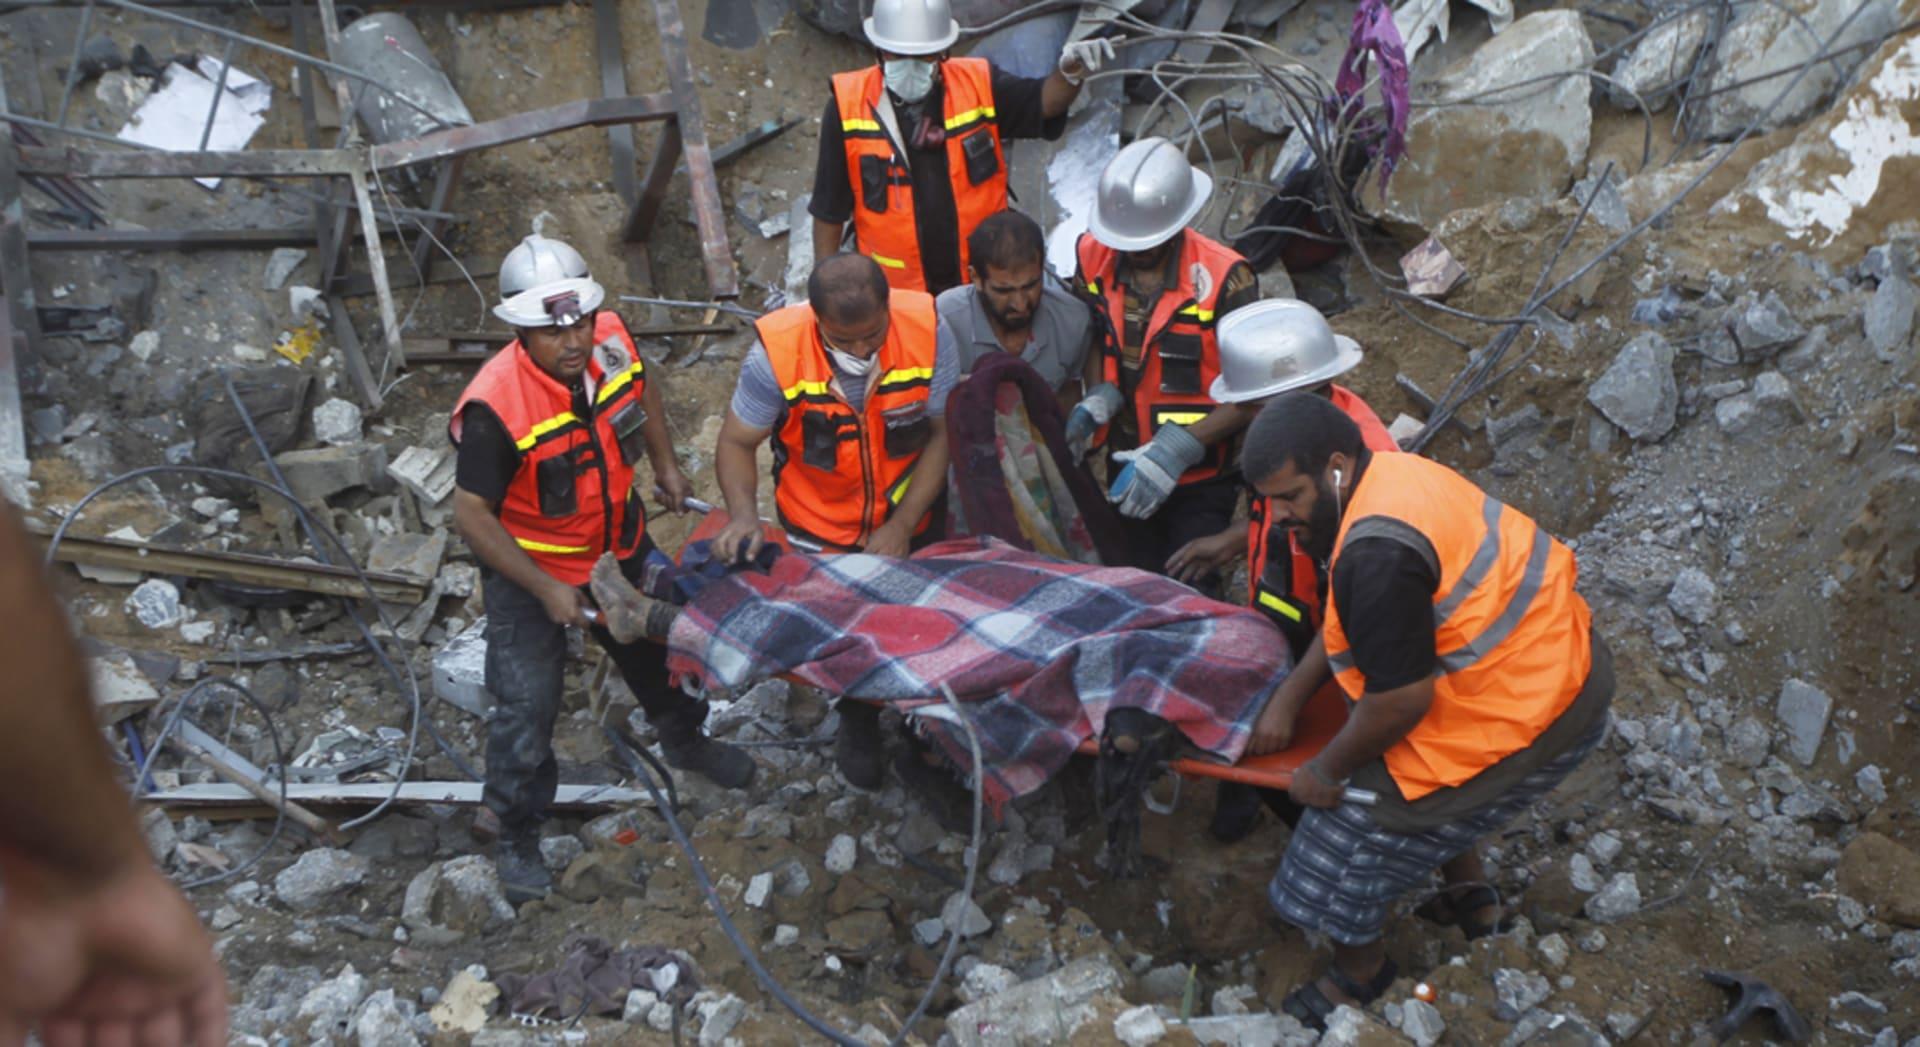 """910 قتيلا فلسطينيا بـ""""الجرف الصامد"""" وأطباء غزة يتعاملون مع الموت ويتهيأون له"""